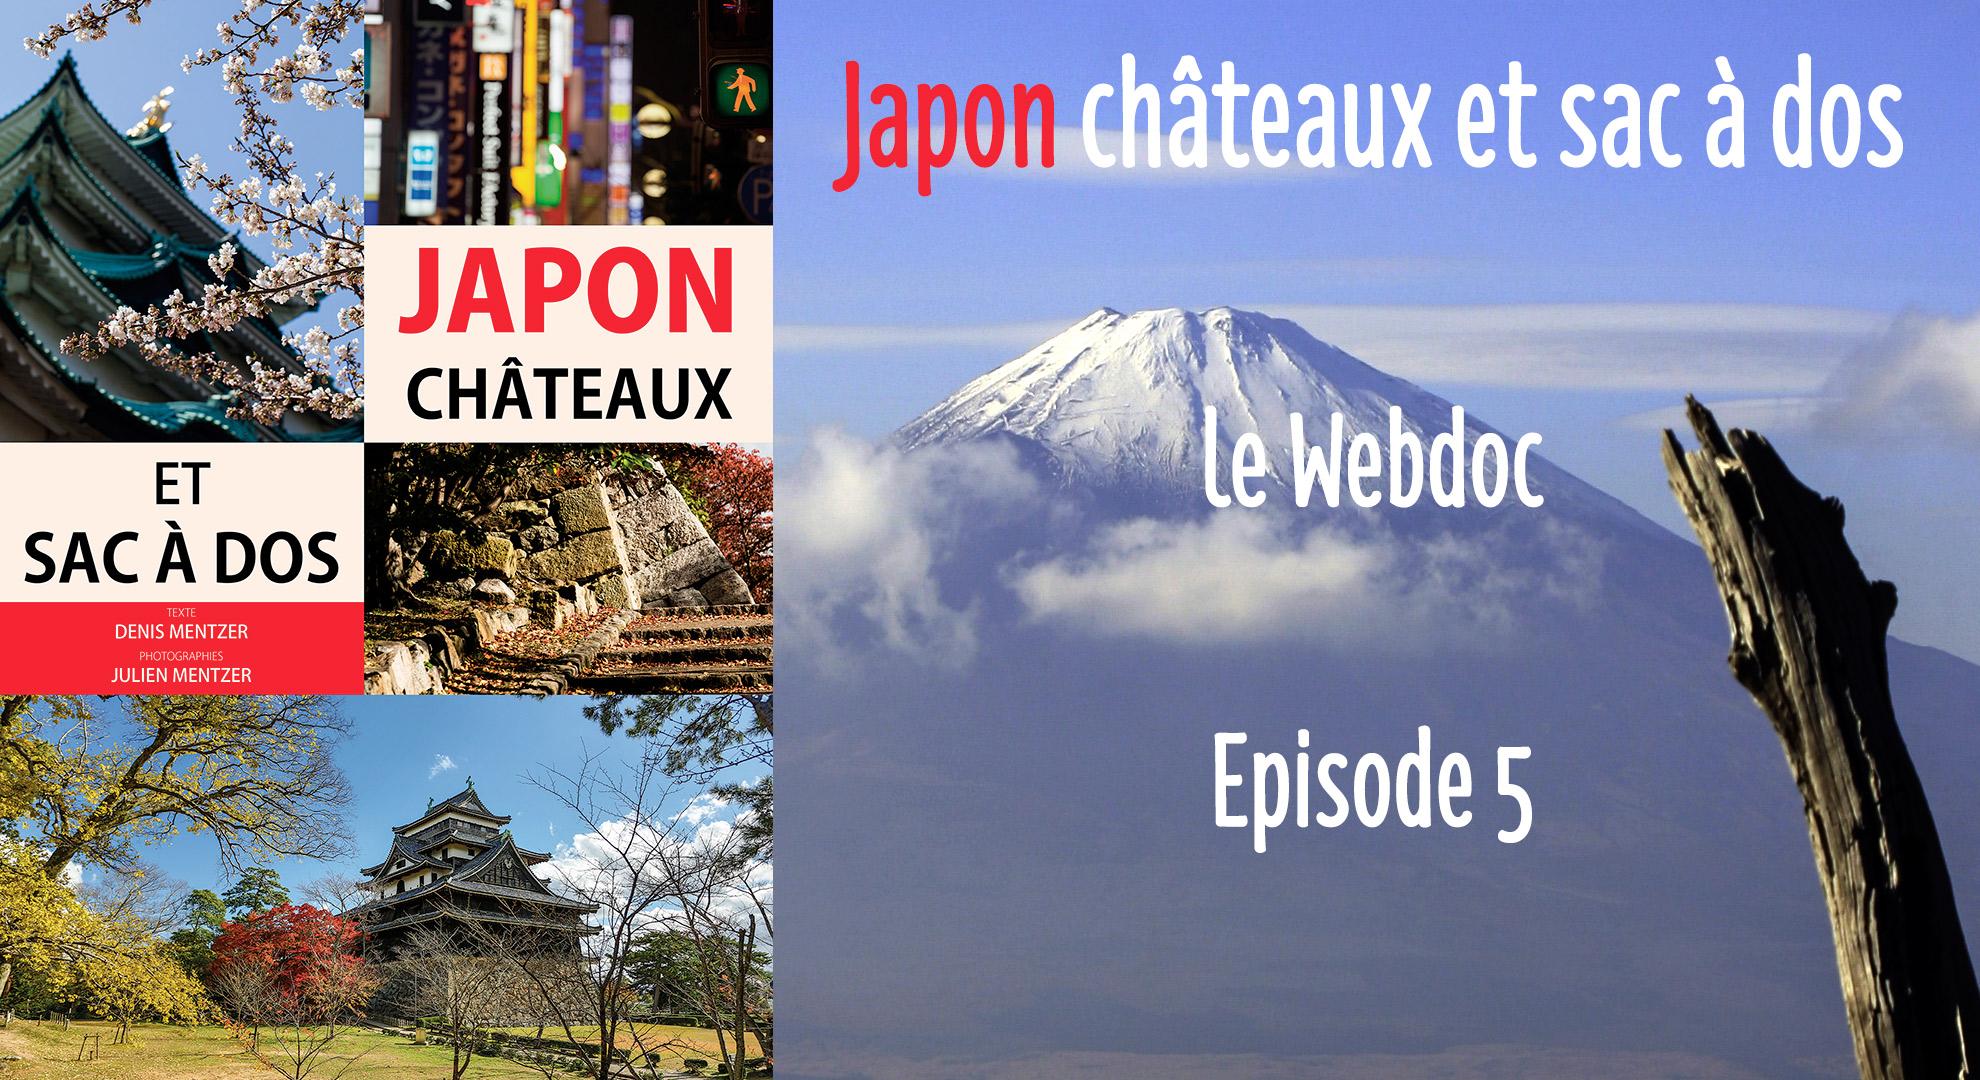 """L'épisode 5 de """"Japon châteaux et sac à dos"""" est là !"""